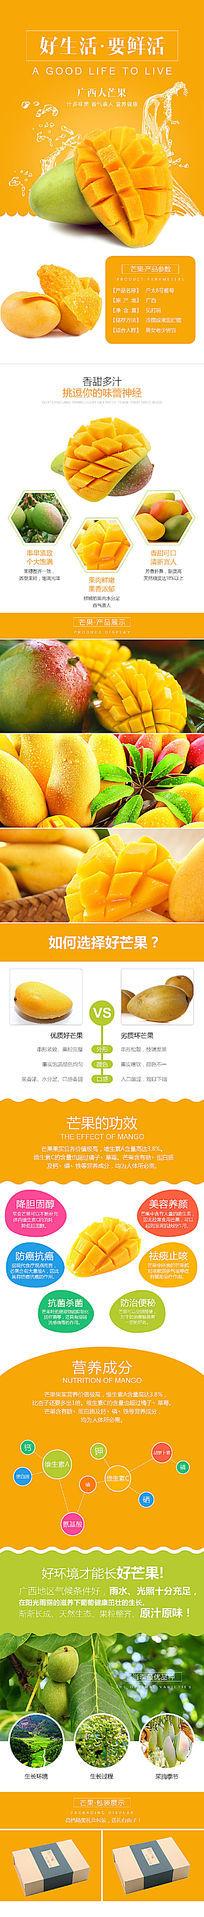 淘宝天猫水果芒果详情页宝贝描述模板